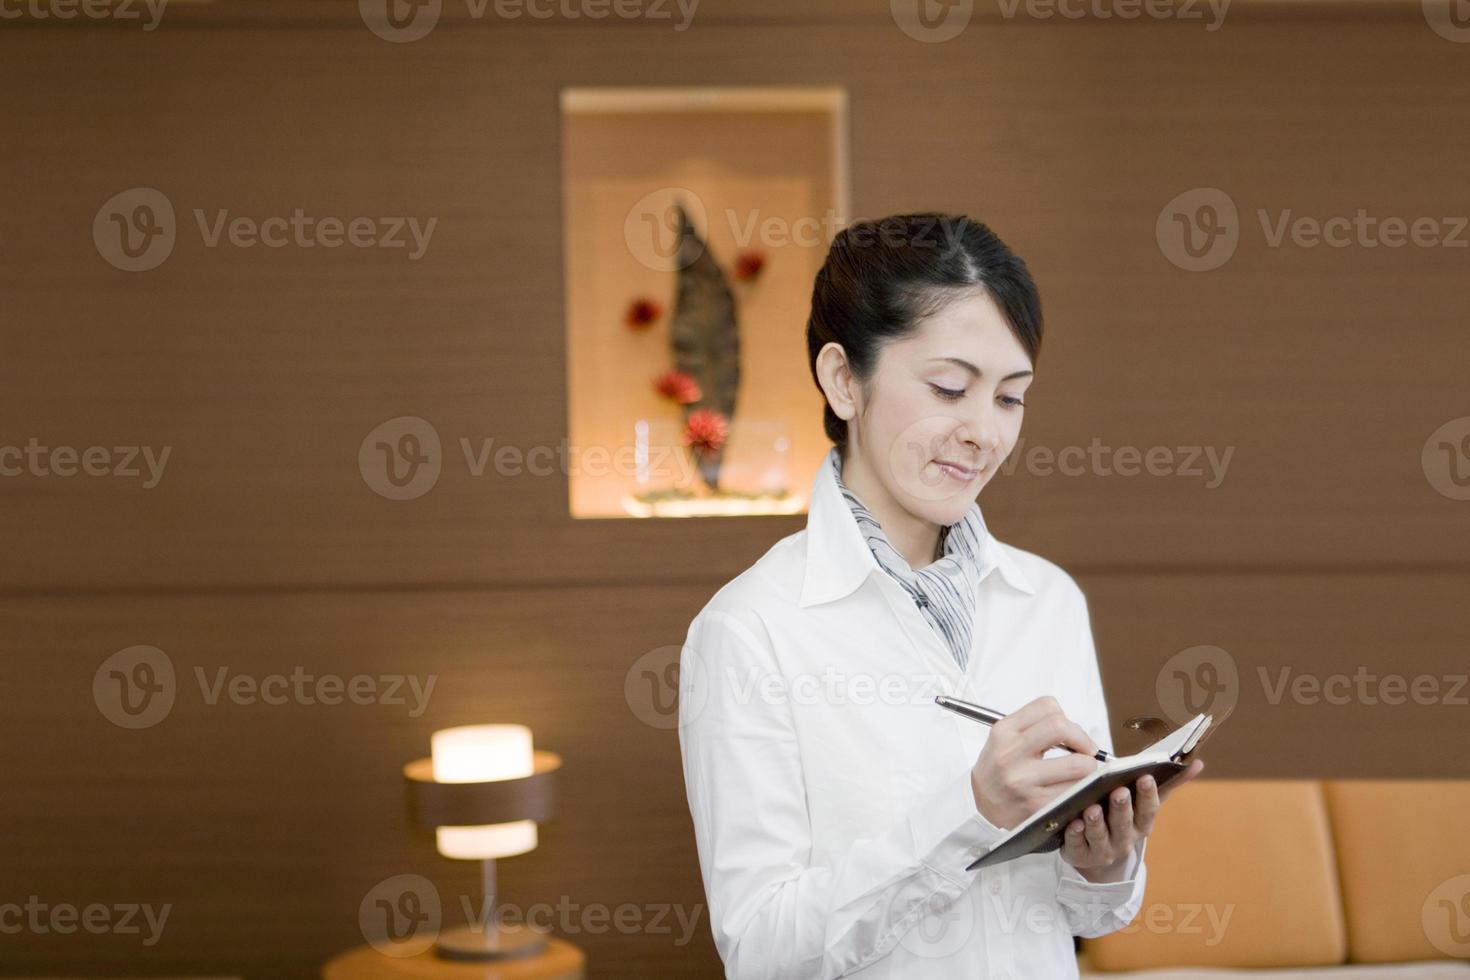 vrouw die een notitie op notitieboekje foto